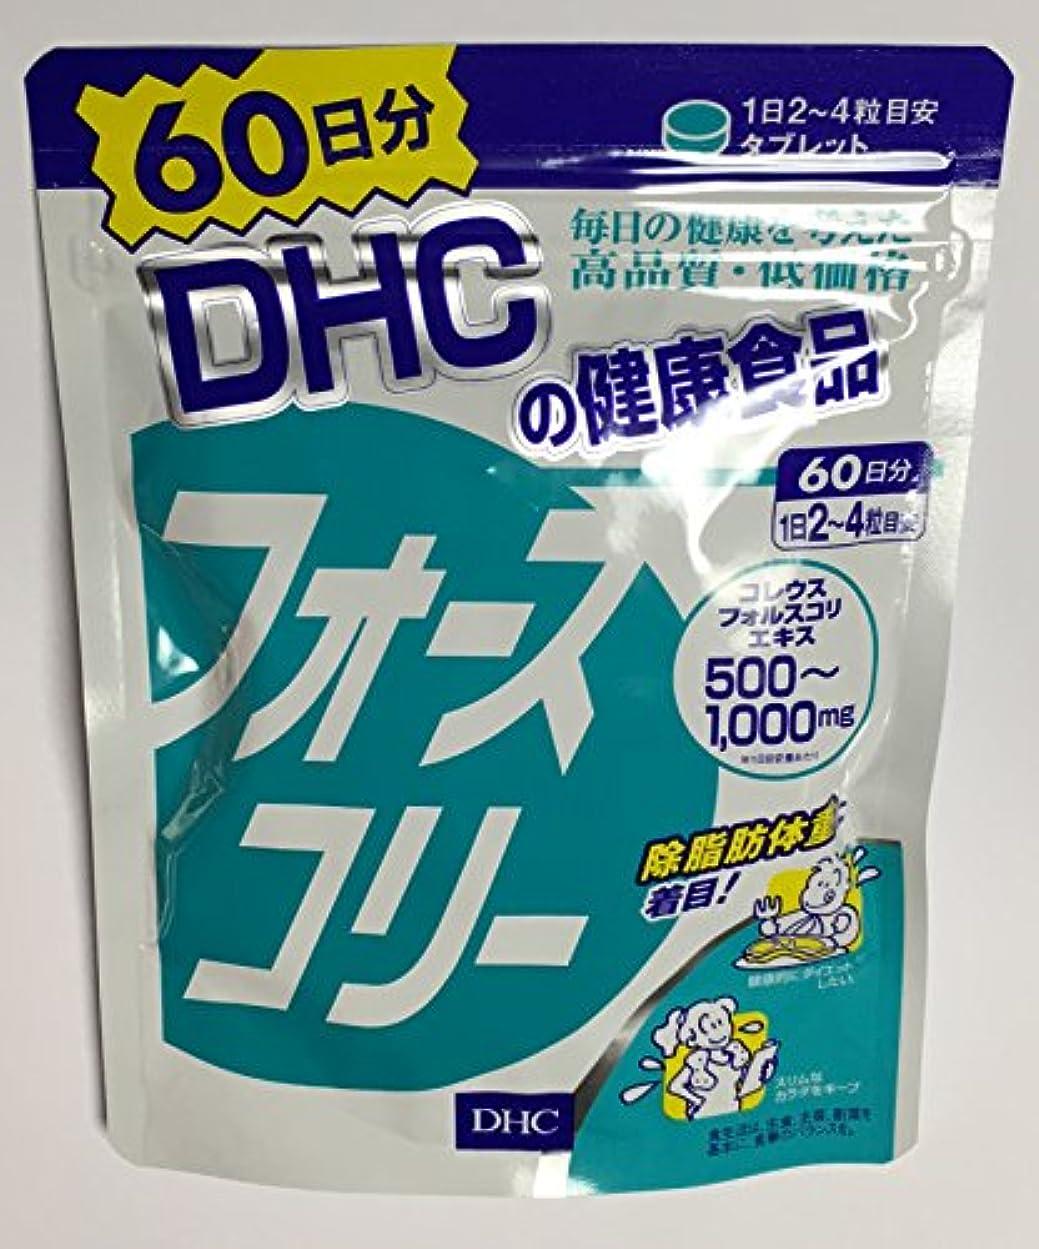 海露フォーカス【大容量】DHC フォースコリー (60日分) 240粒